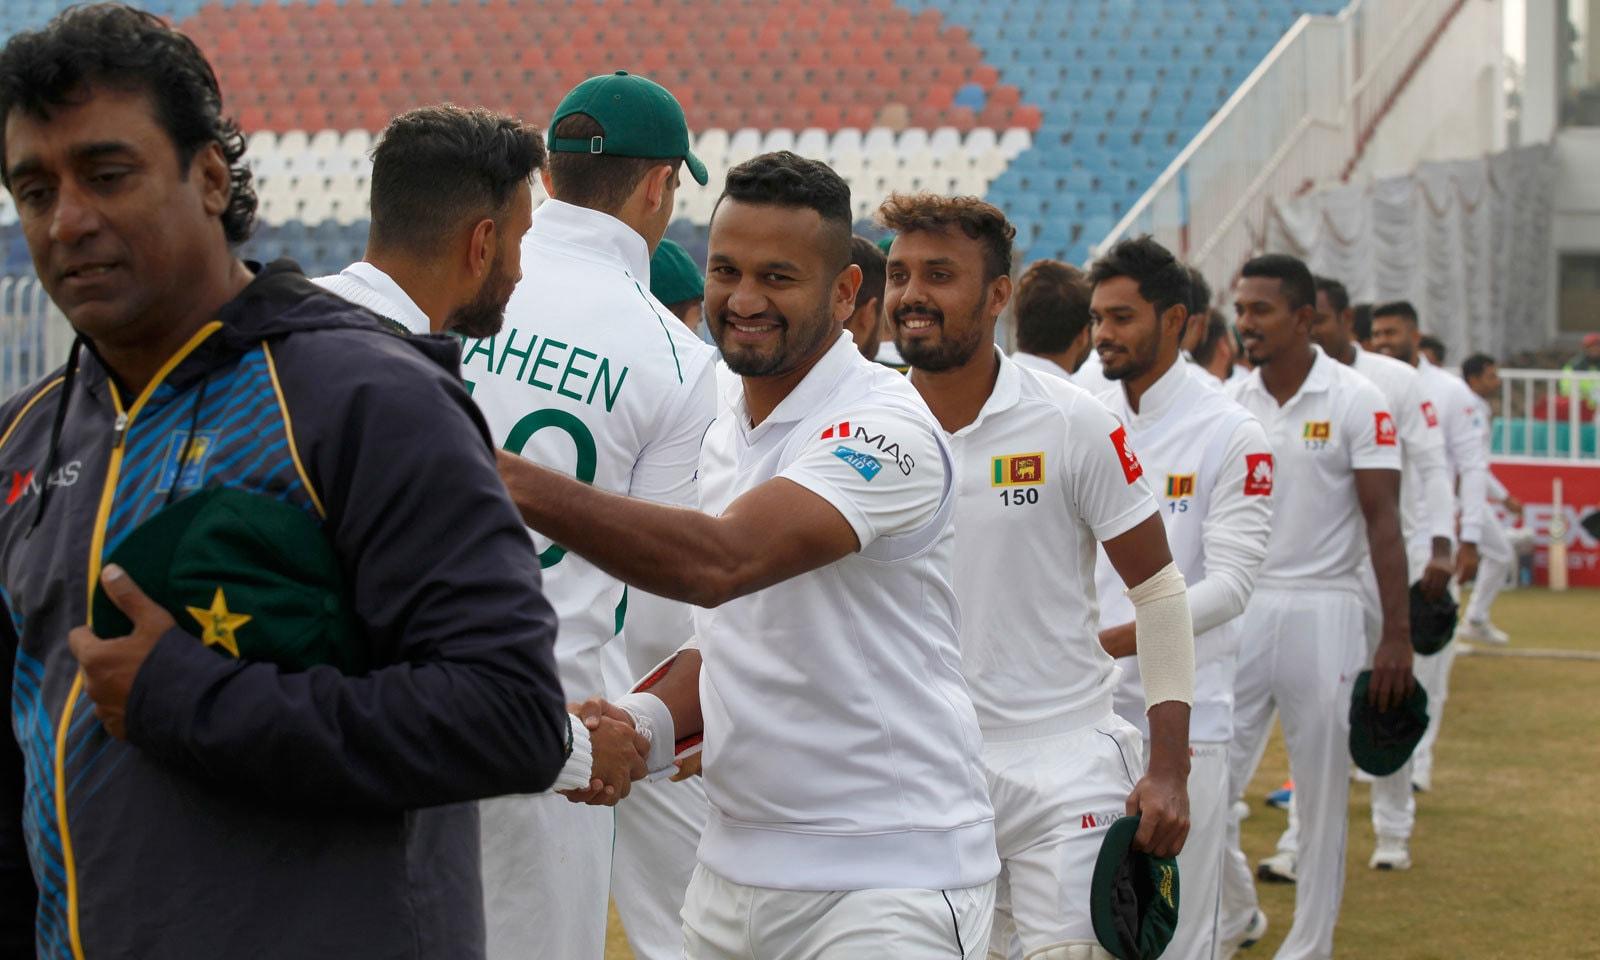 سری لنکن کرکٹ ٹیم کے کھلاڑیوں کو پاکستان کی اعزازی ٹیسٹ کیپ دی گئی — فوٹو: اے ایف پی